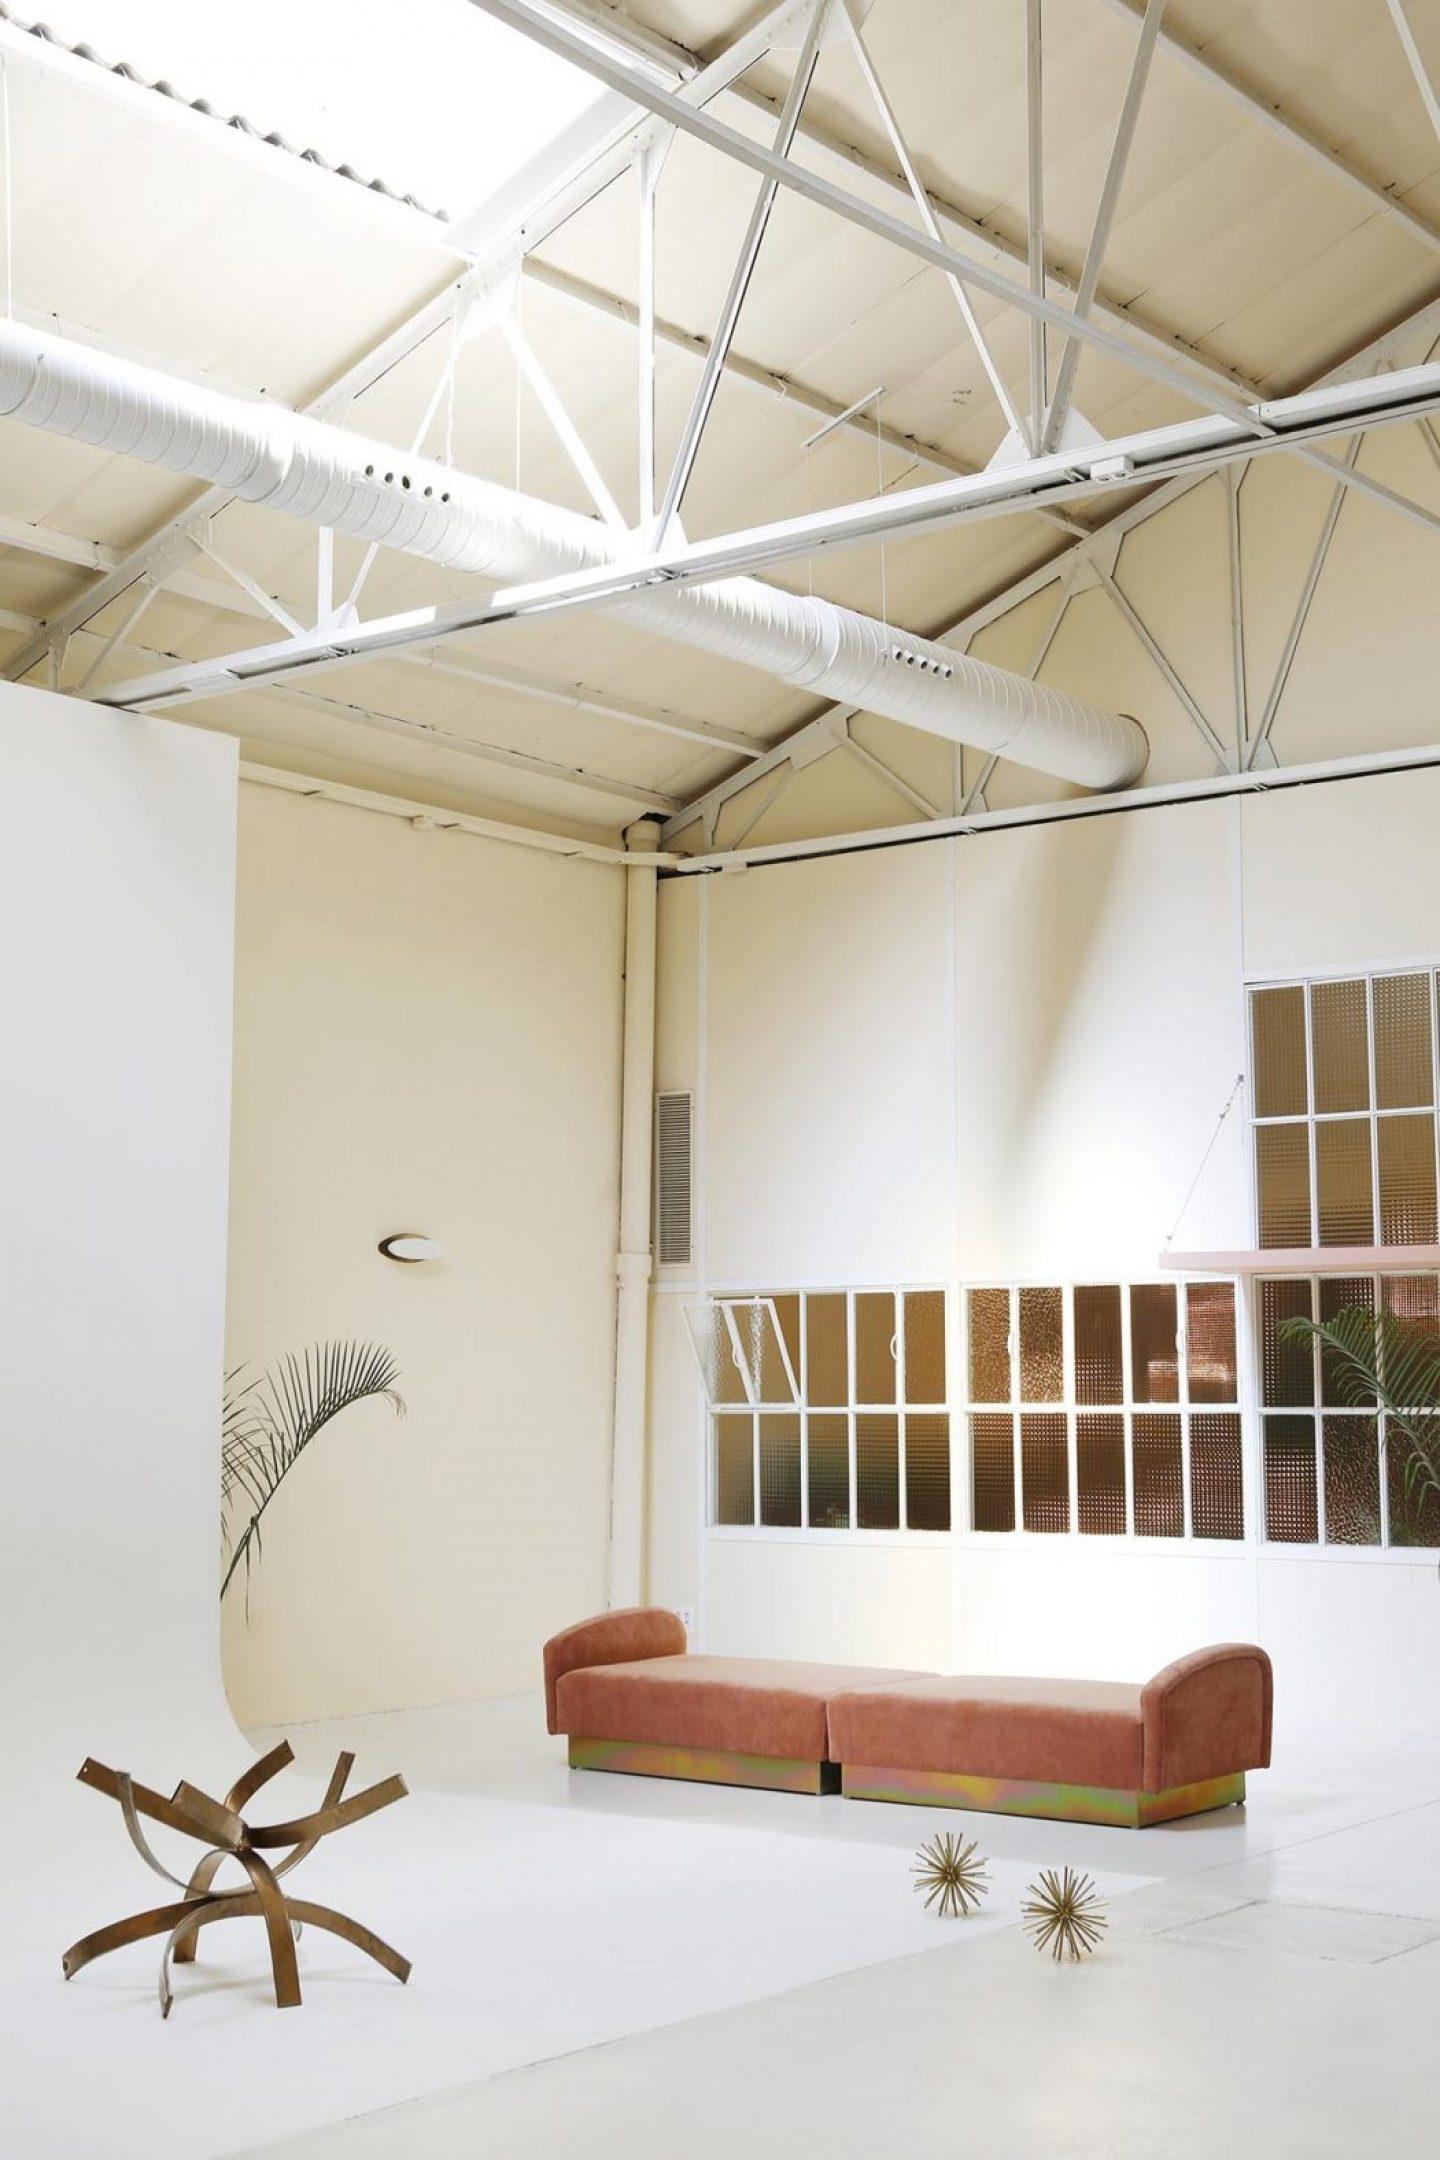 iGNANT_Architecture_Espacio_Nueva_Carolina_Cordero_Atelier_Sara_Uriarte_7